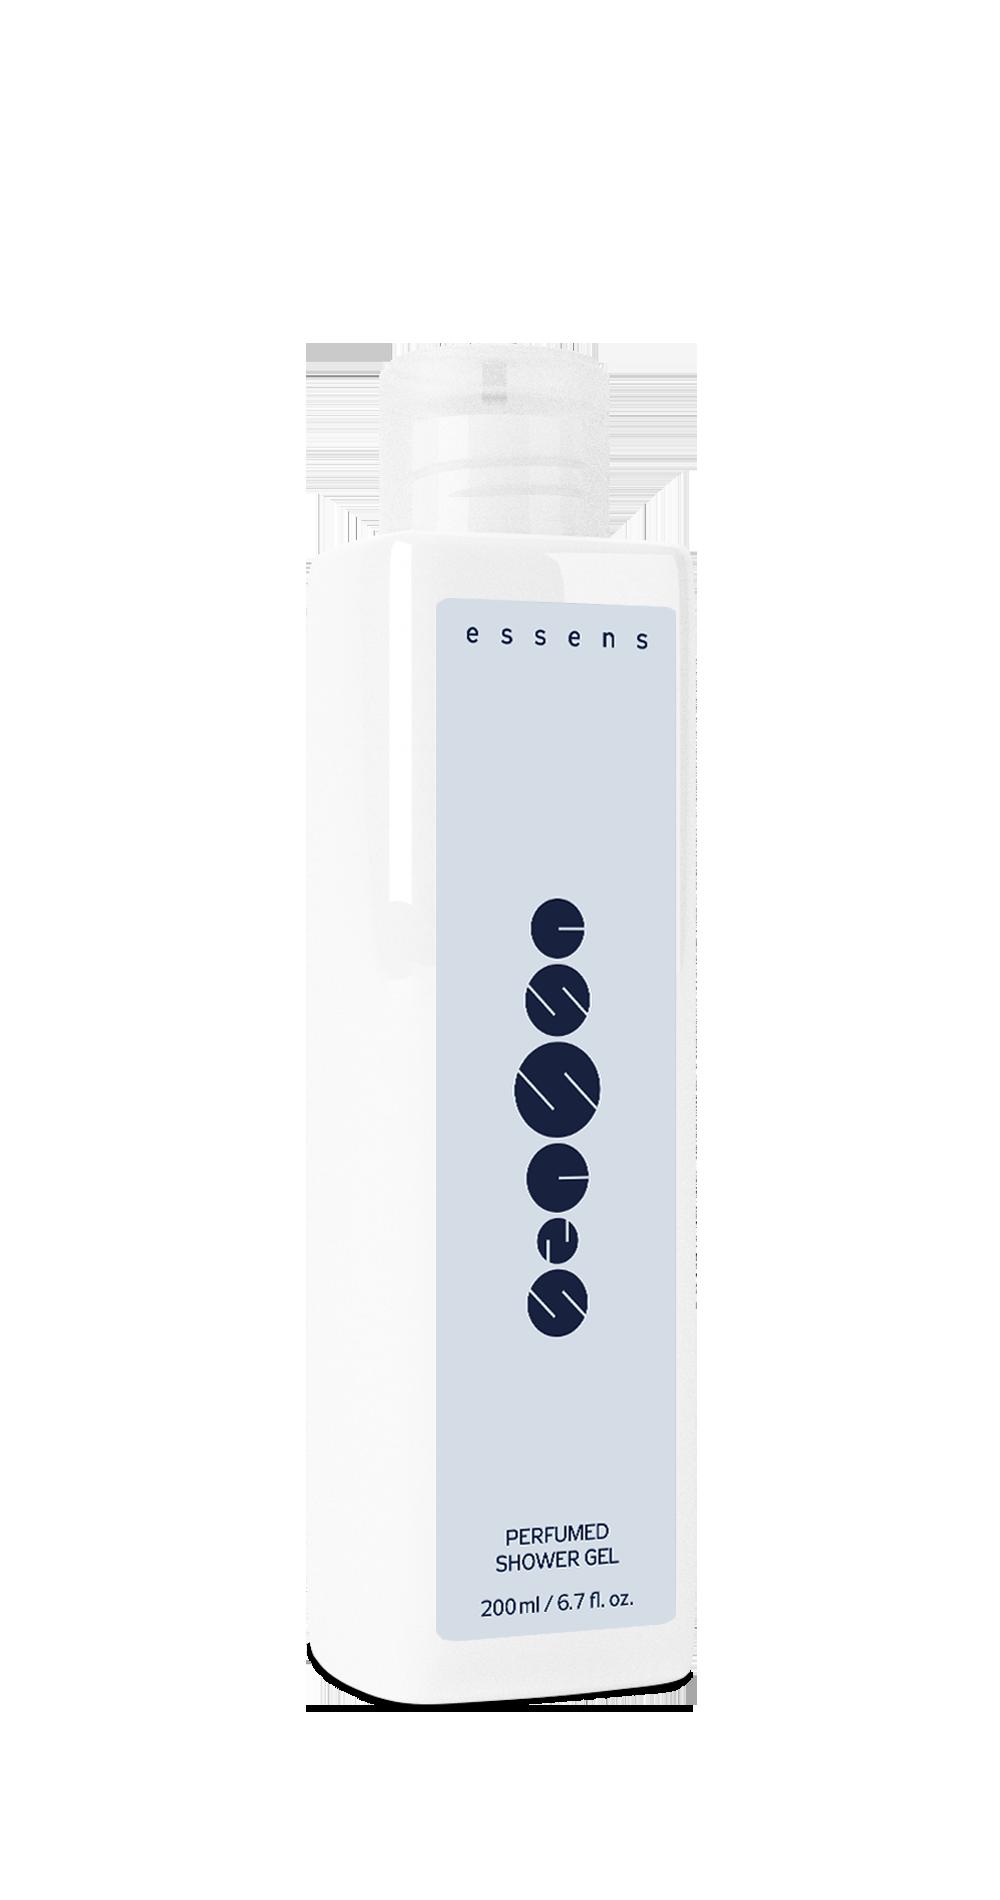 ESSENS w111 Objem: Sprchový gel 200ml